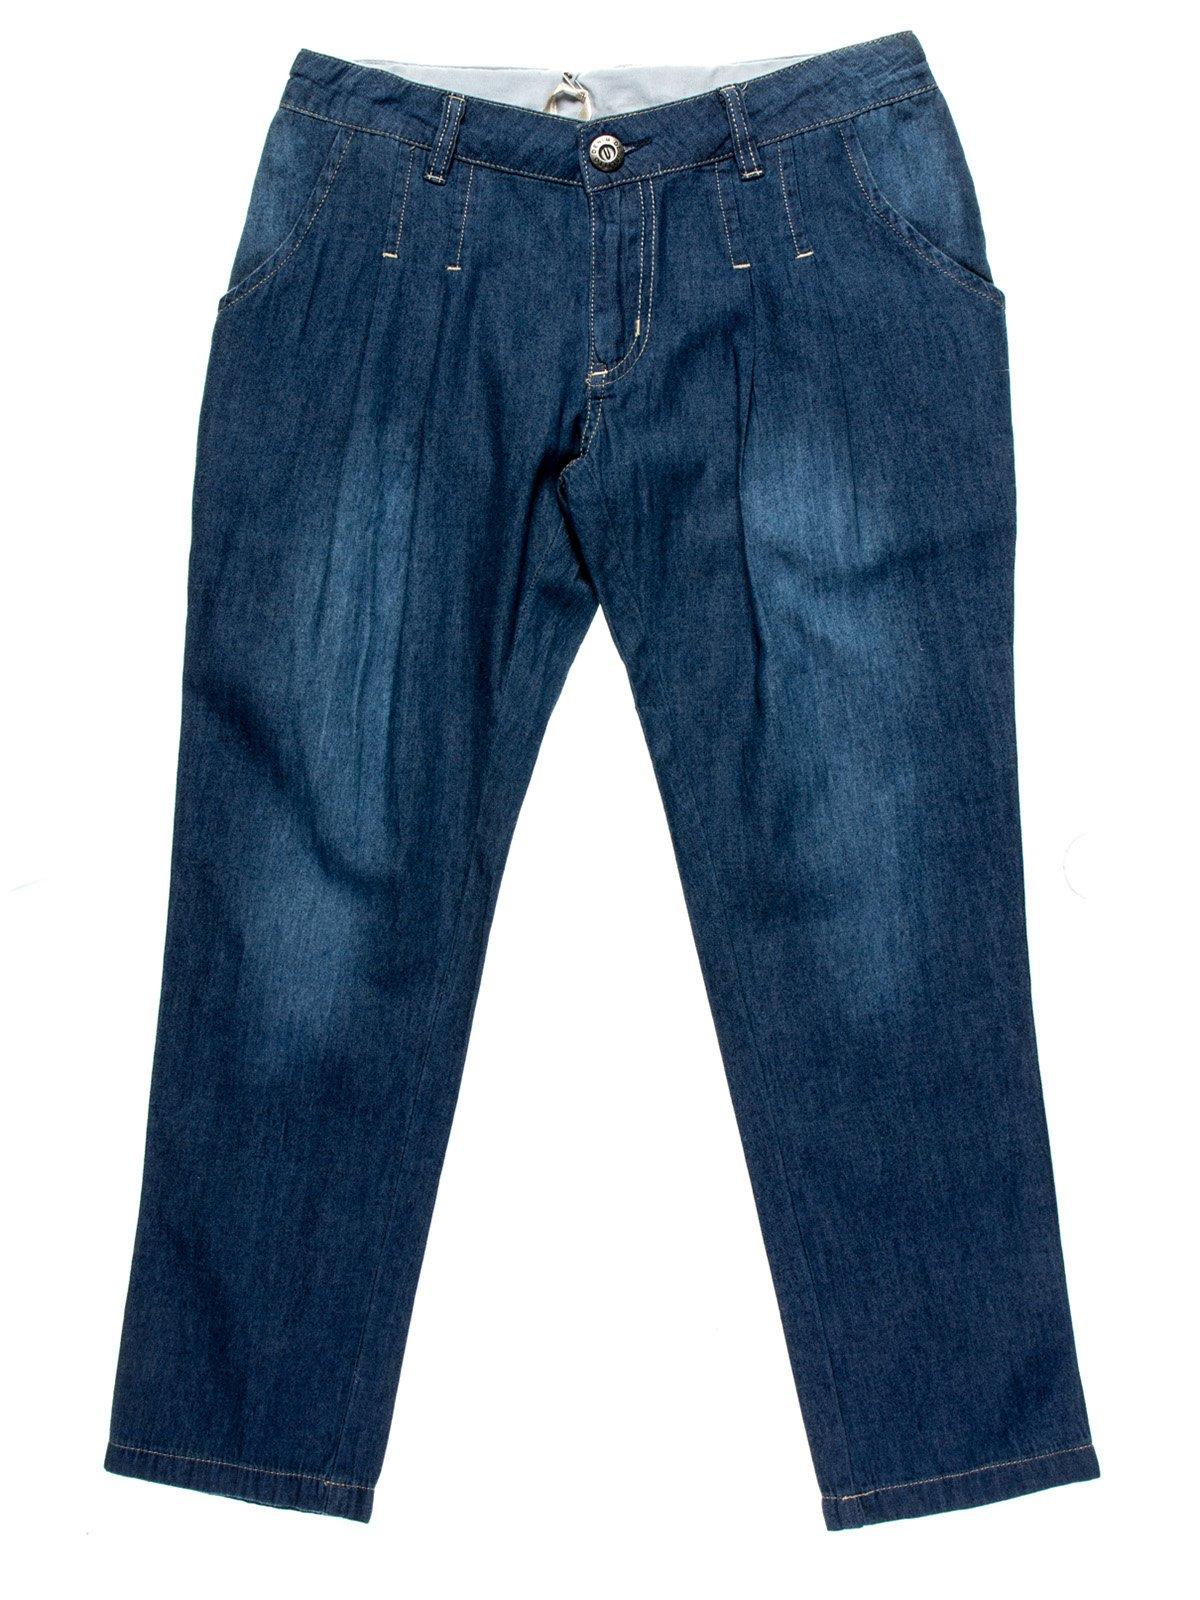 Капрі сині джинсові | 958907